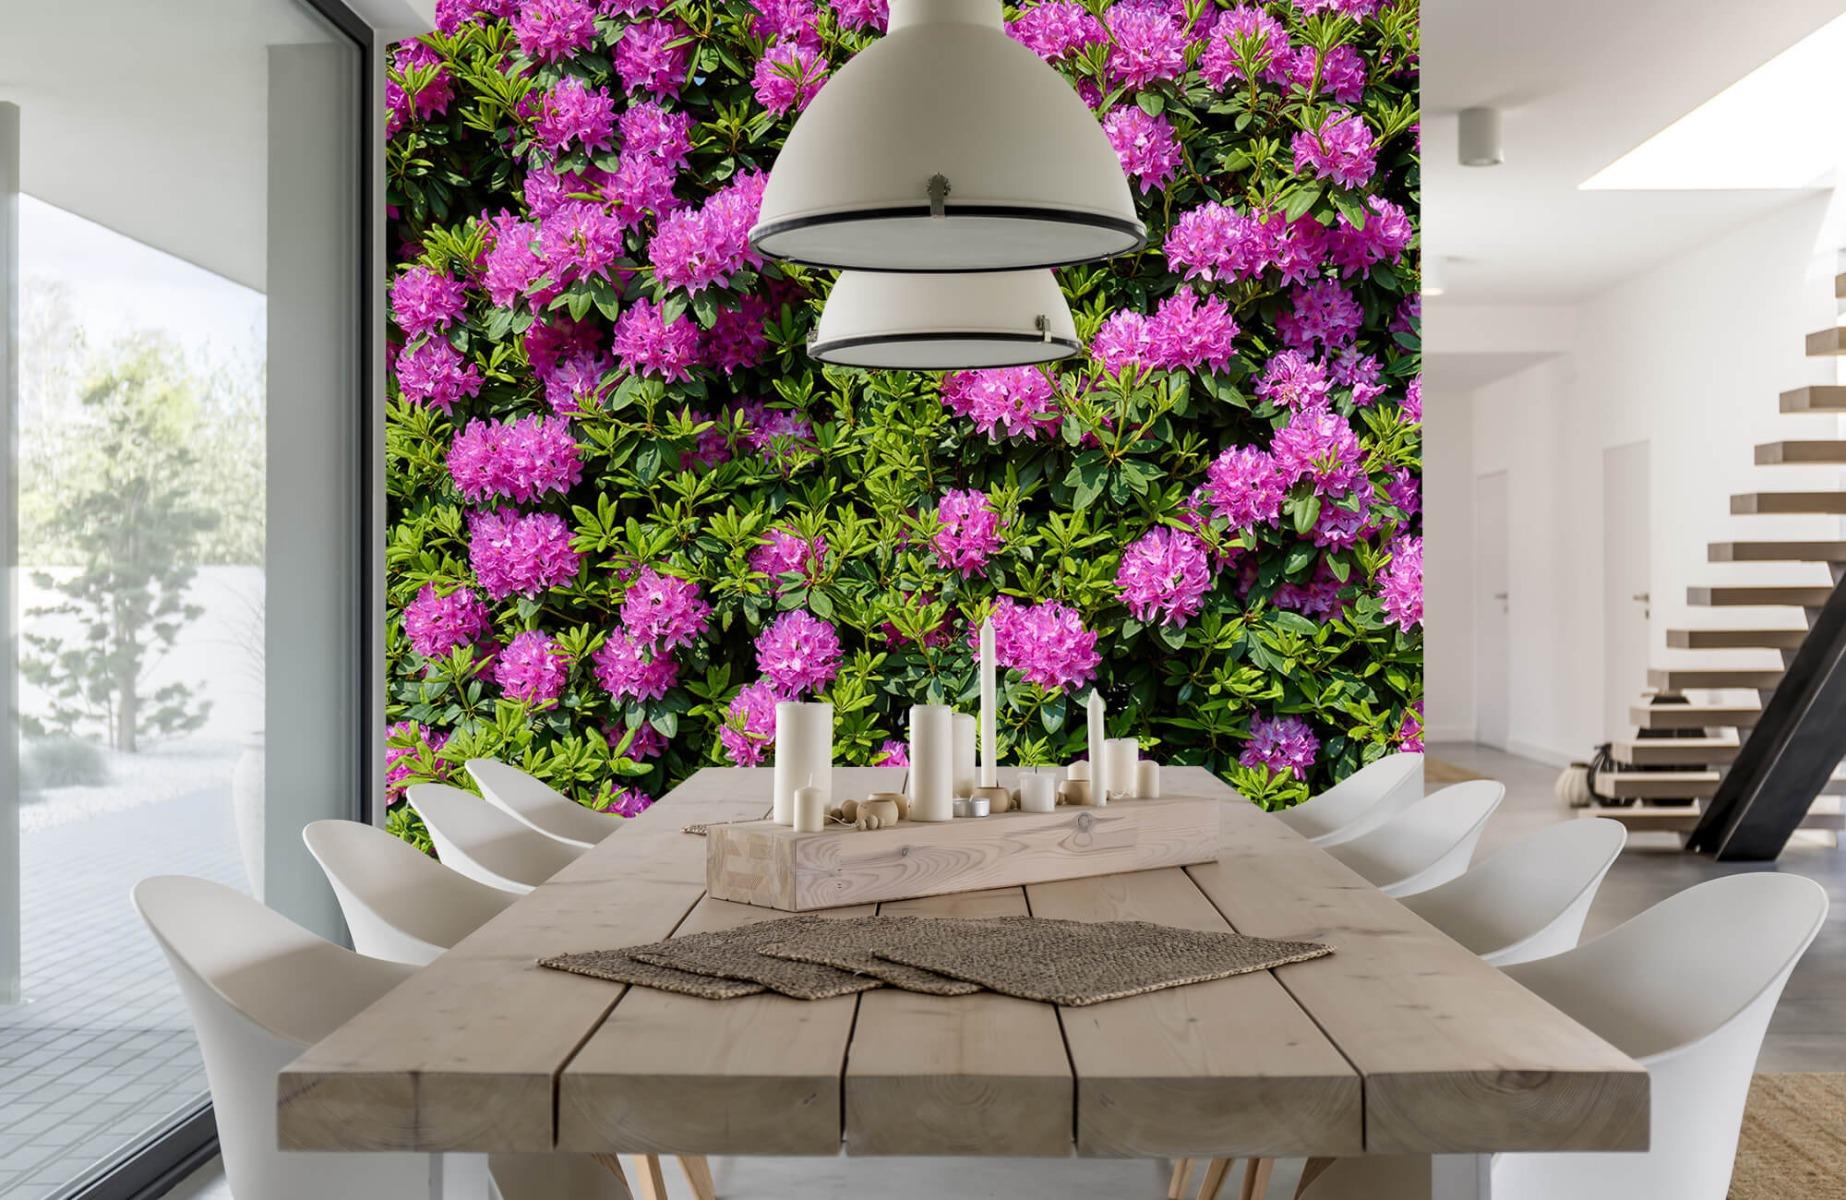 Bloemenvelden - Grote muur van rododendrons - Wallexclusive - Woonkamer 2